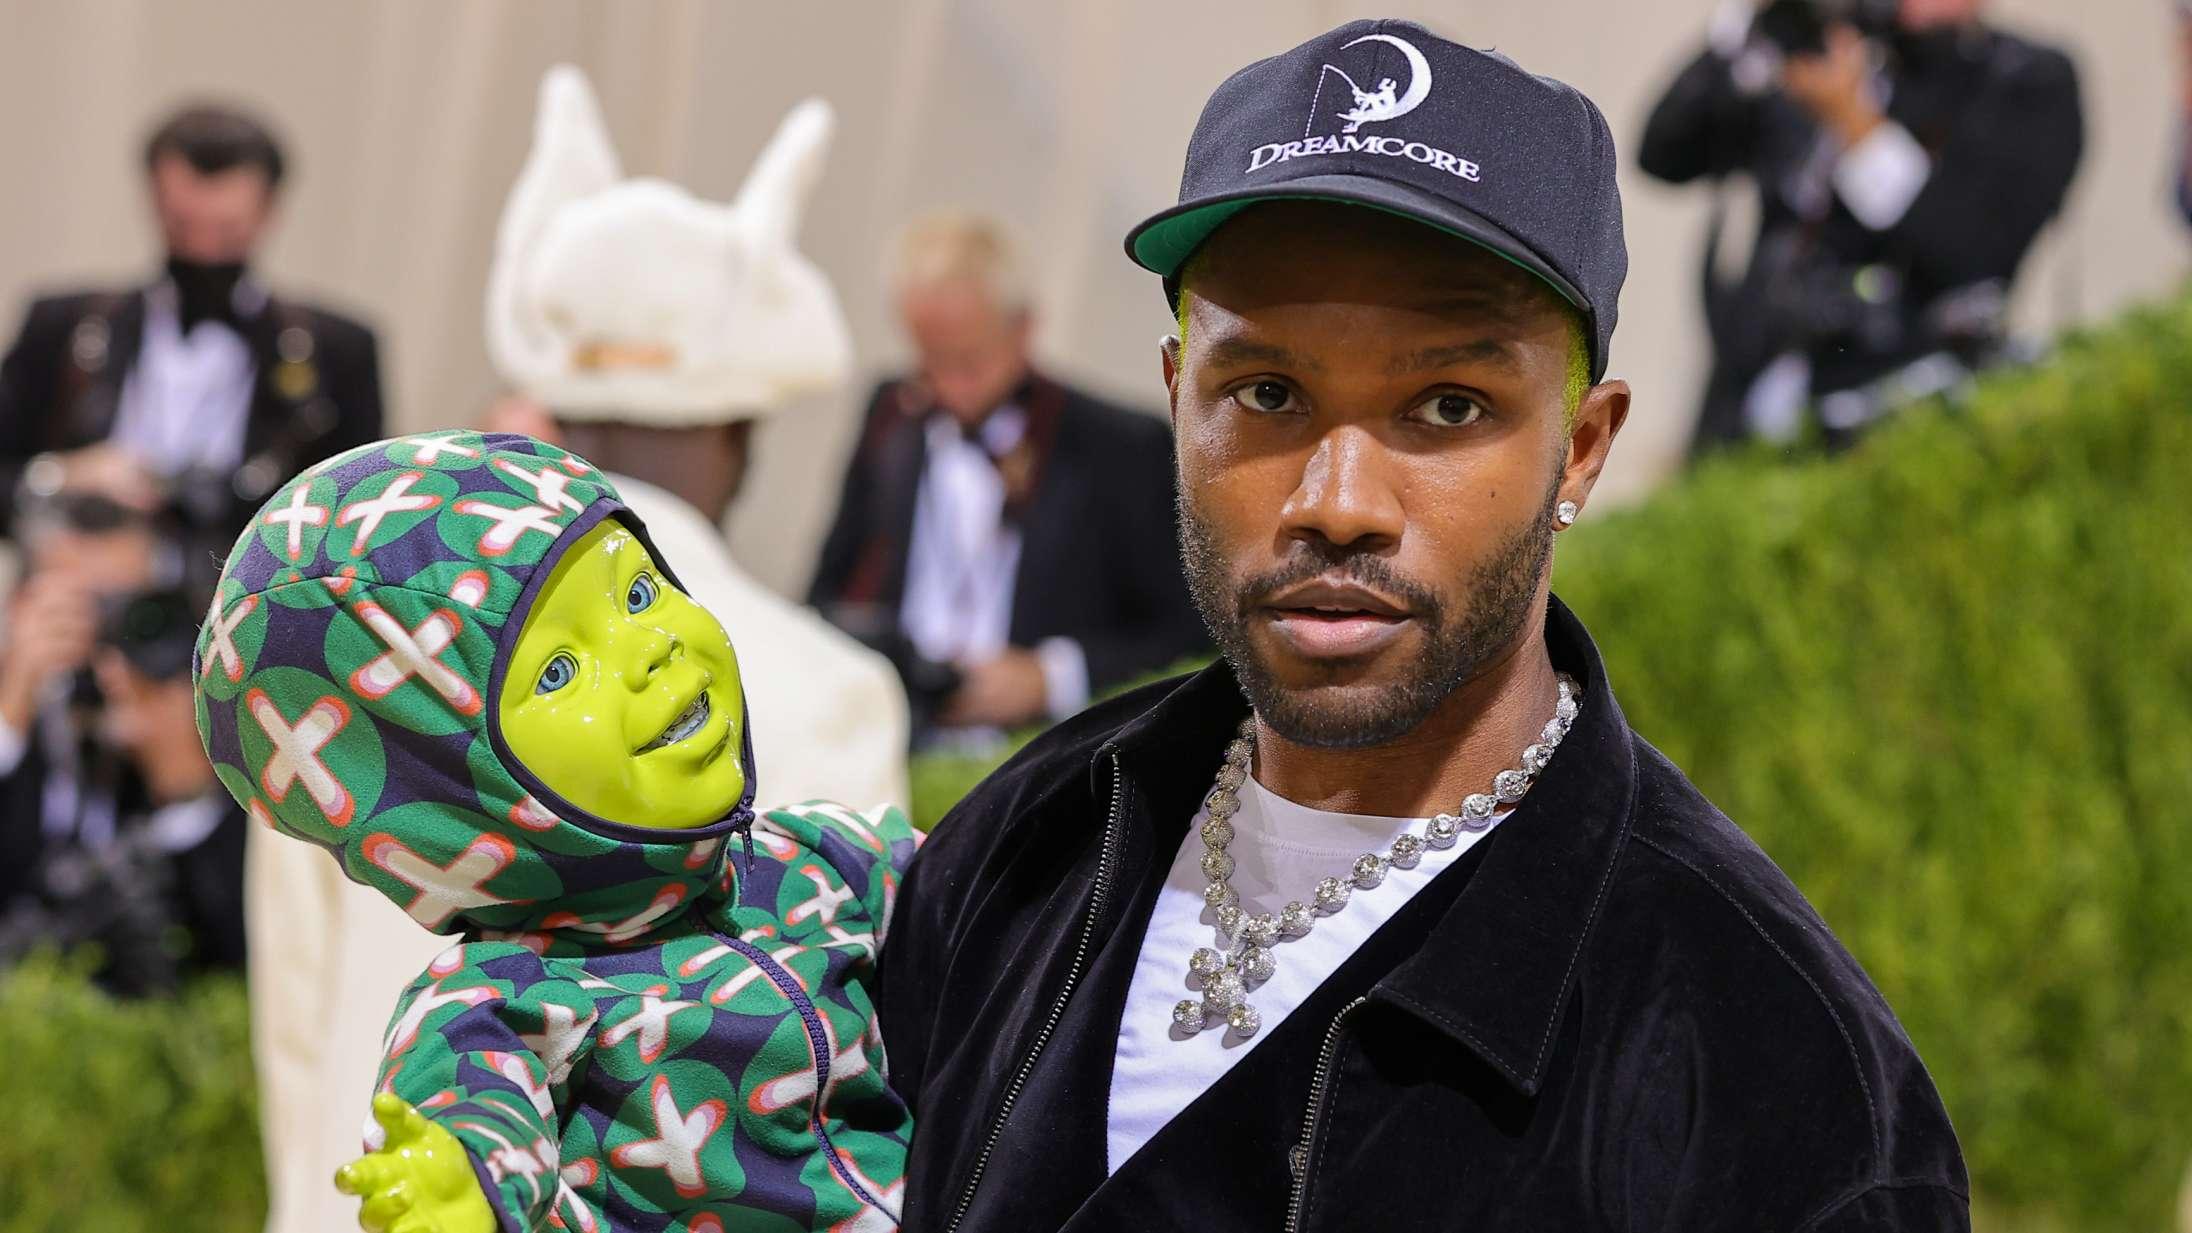 Frank Ocean ankom med en grøn robotbaby – og andre spektakulære looks fra årets Met Gala